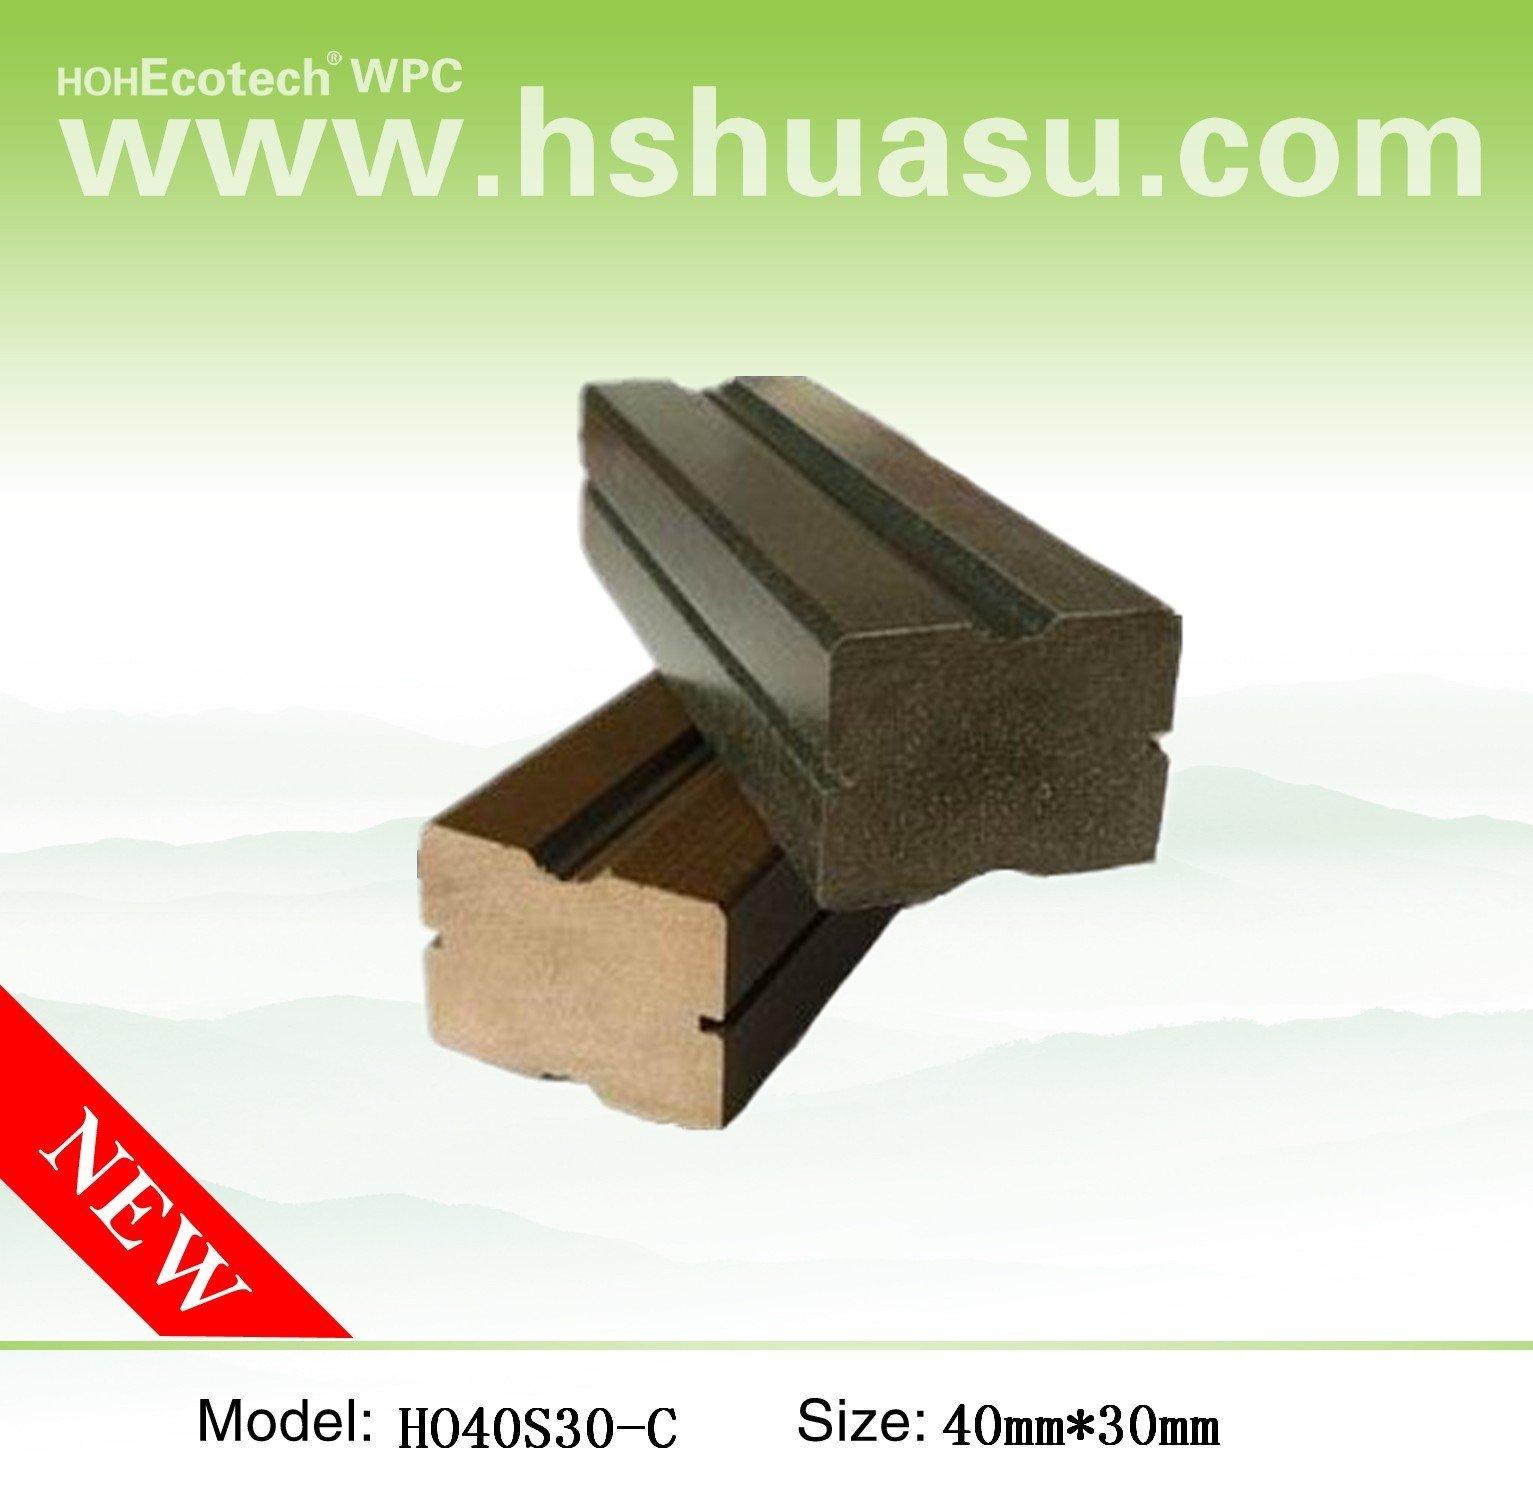 Joist_ del sólido de HD40S30-C